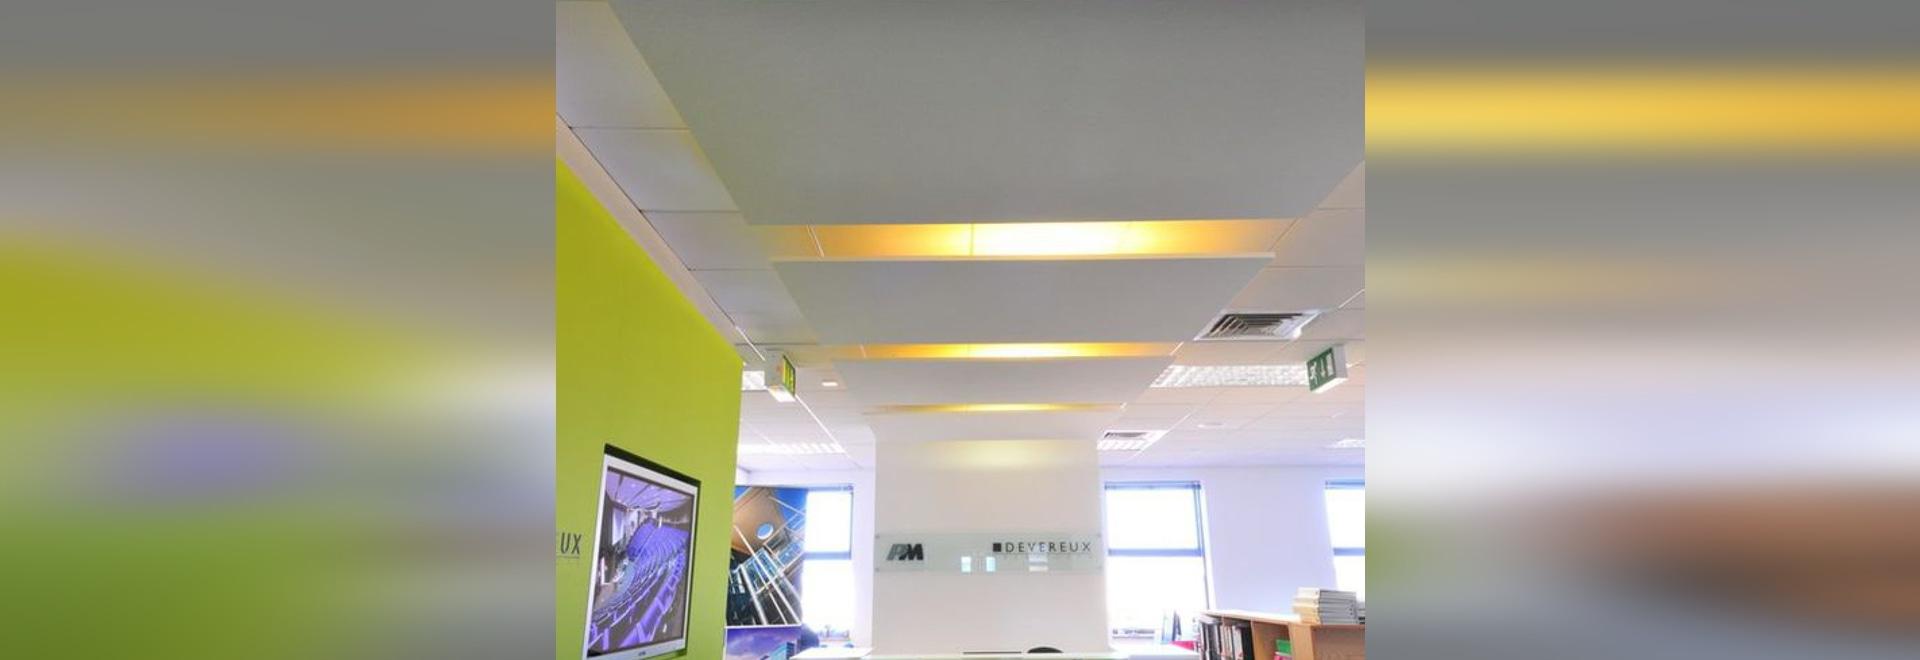 NOUVEAUTÉ : faux-plafond acoustique by Armstrong ceilings - Europe